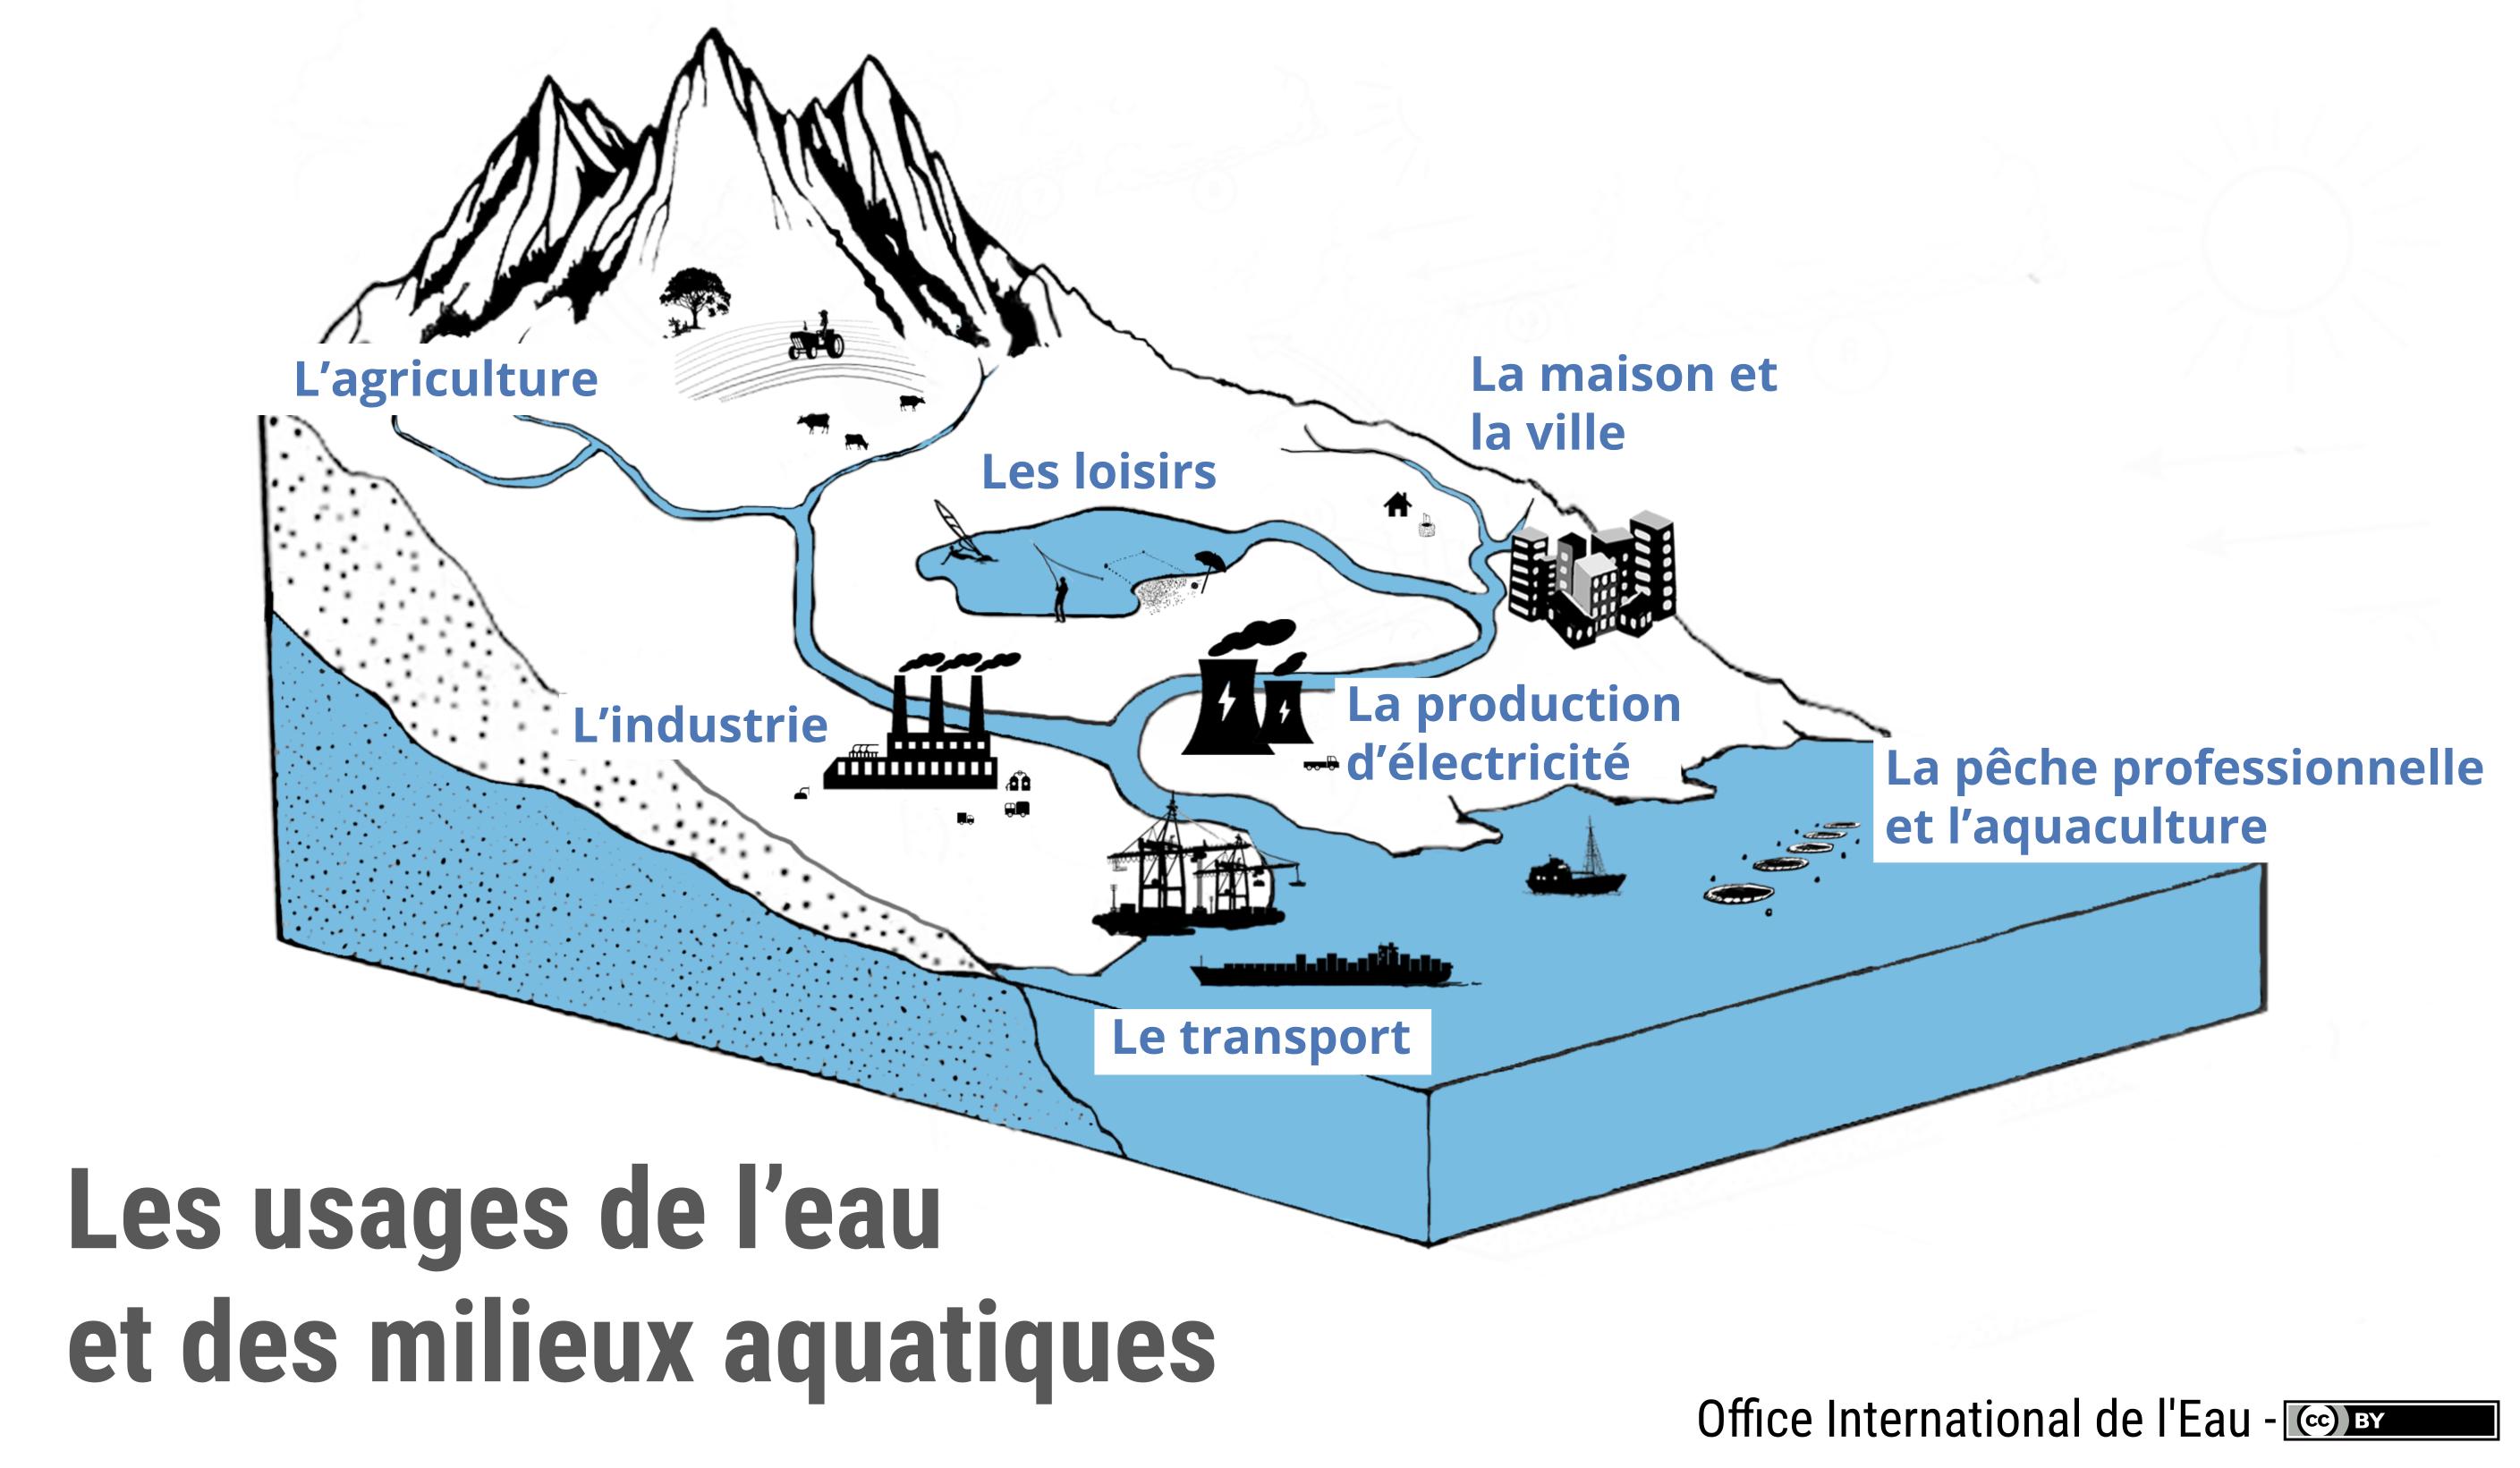 Les usages de l 39 eau et des milieux aquatiques office - Office national de l eau et des milieux aquatiques ...